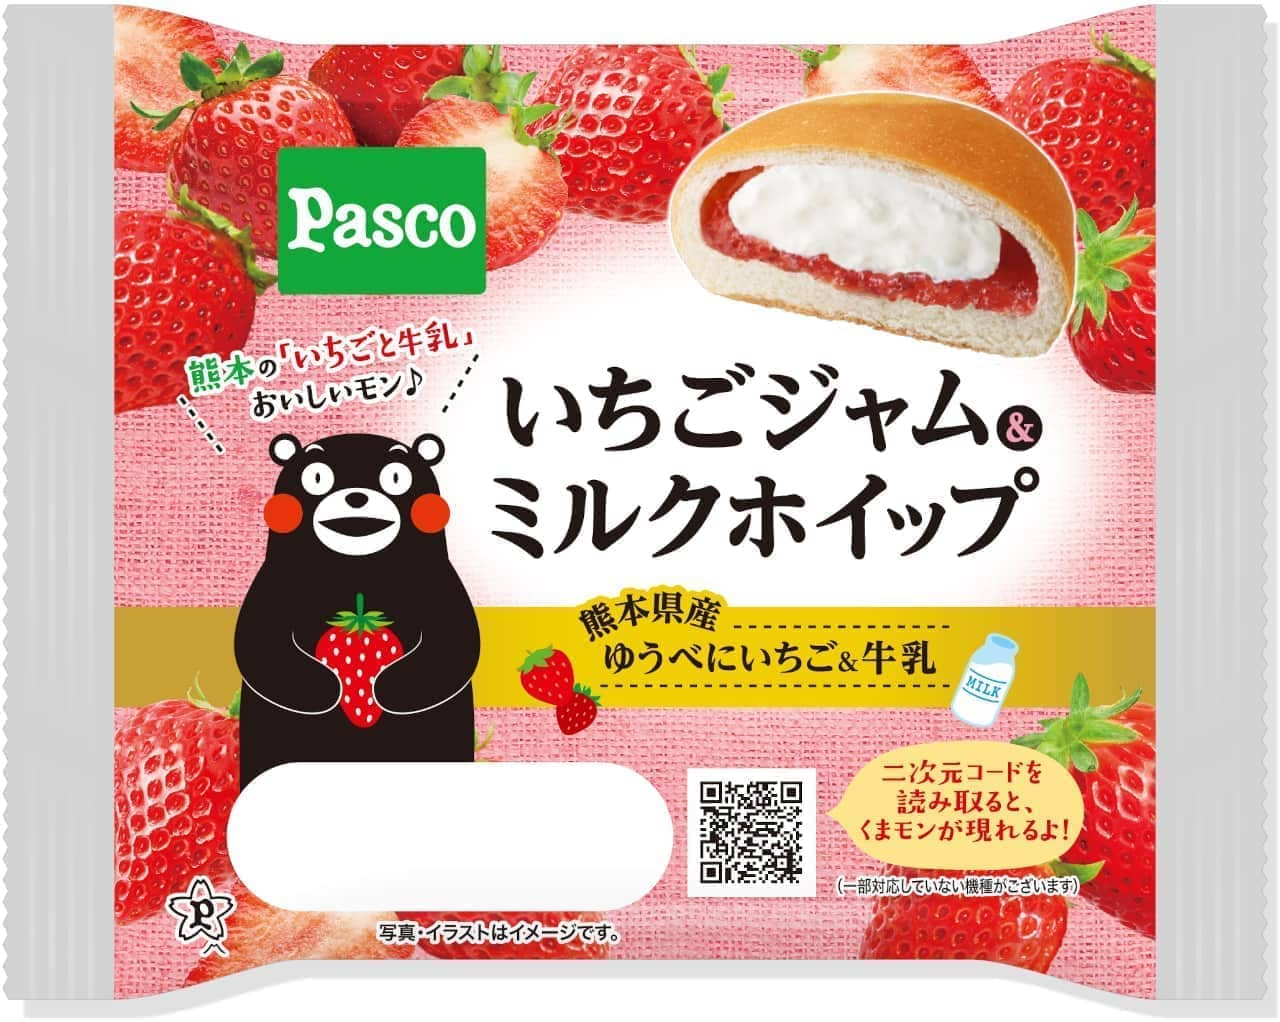 Pasco×熊本県「いちごジャム&ミルクホイップ」「パンケーキオムレット カスタード&ミルクホイップ」